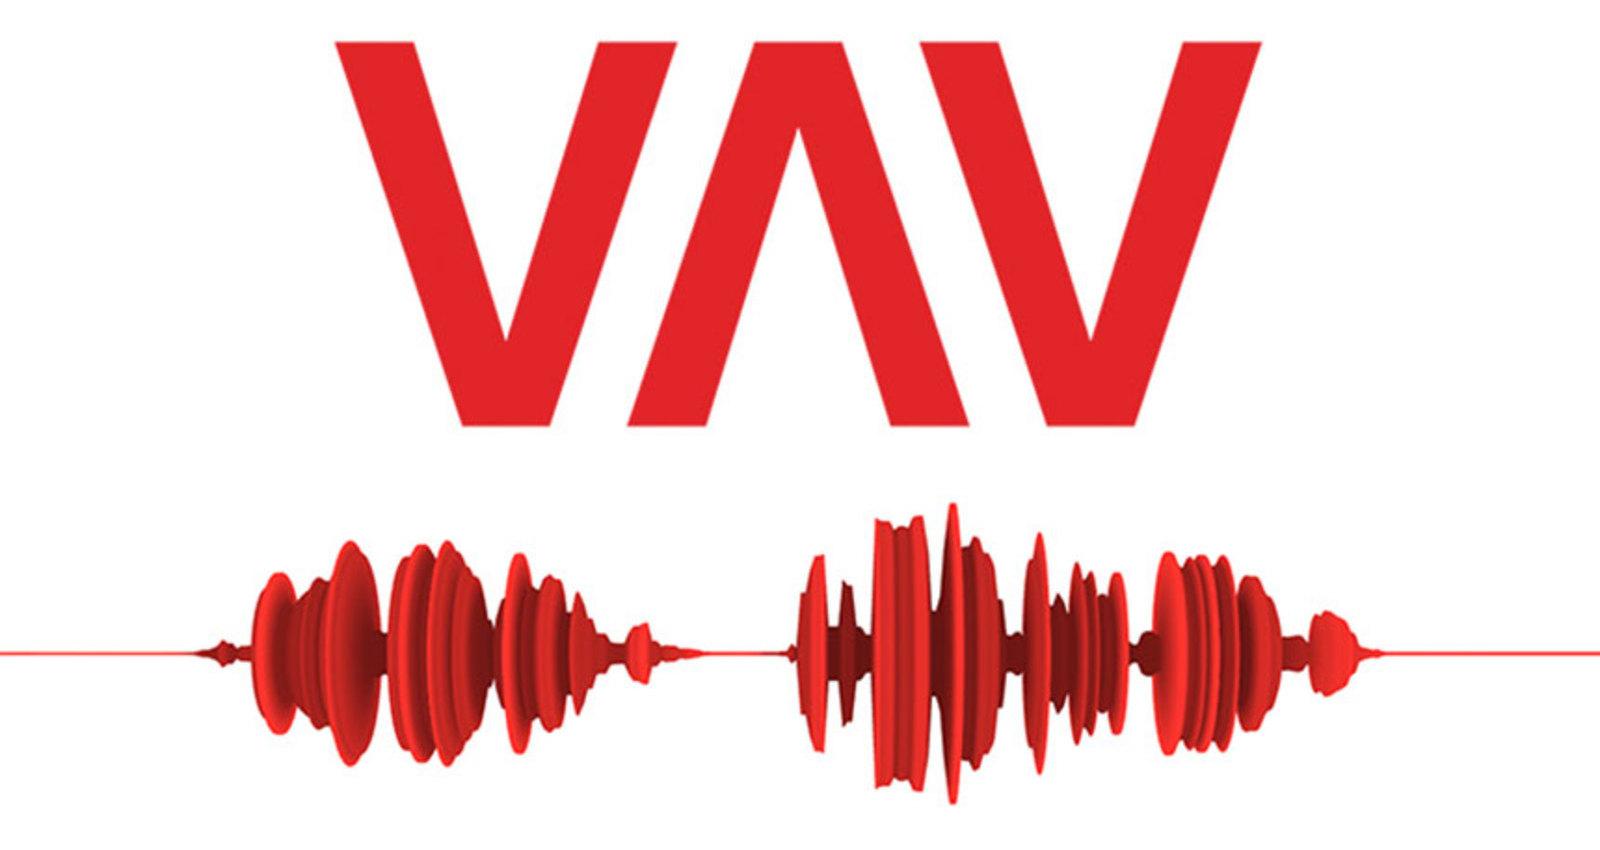 Voices Against Violence